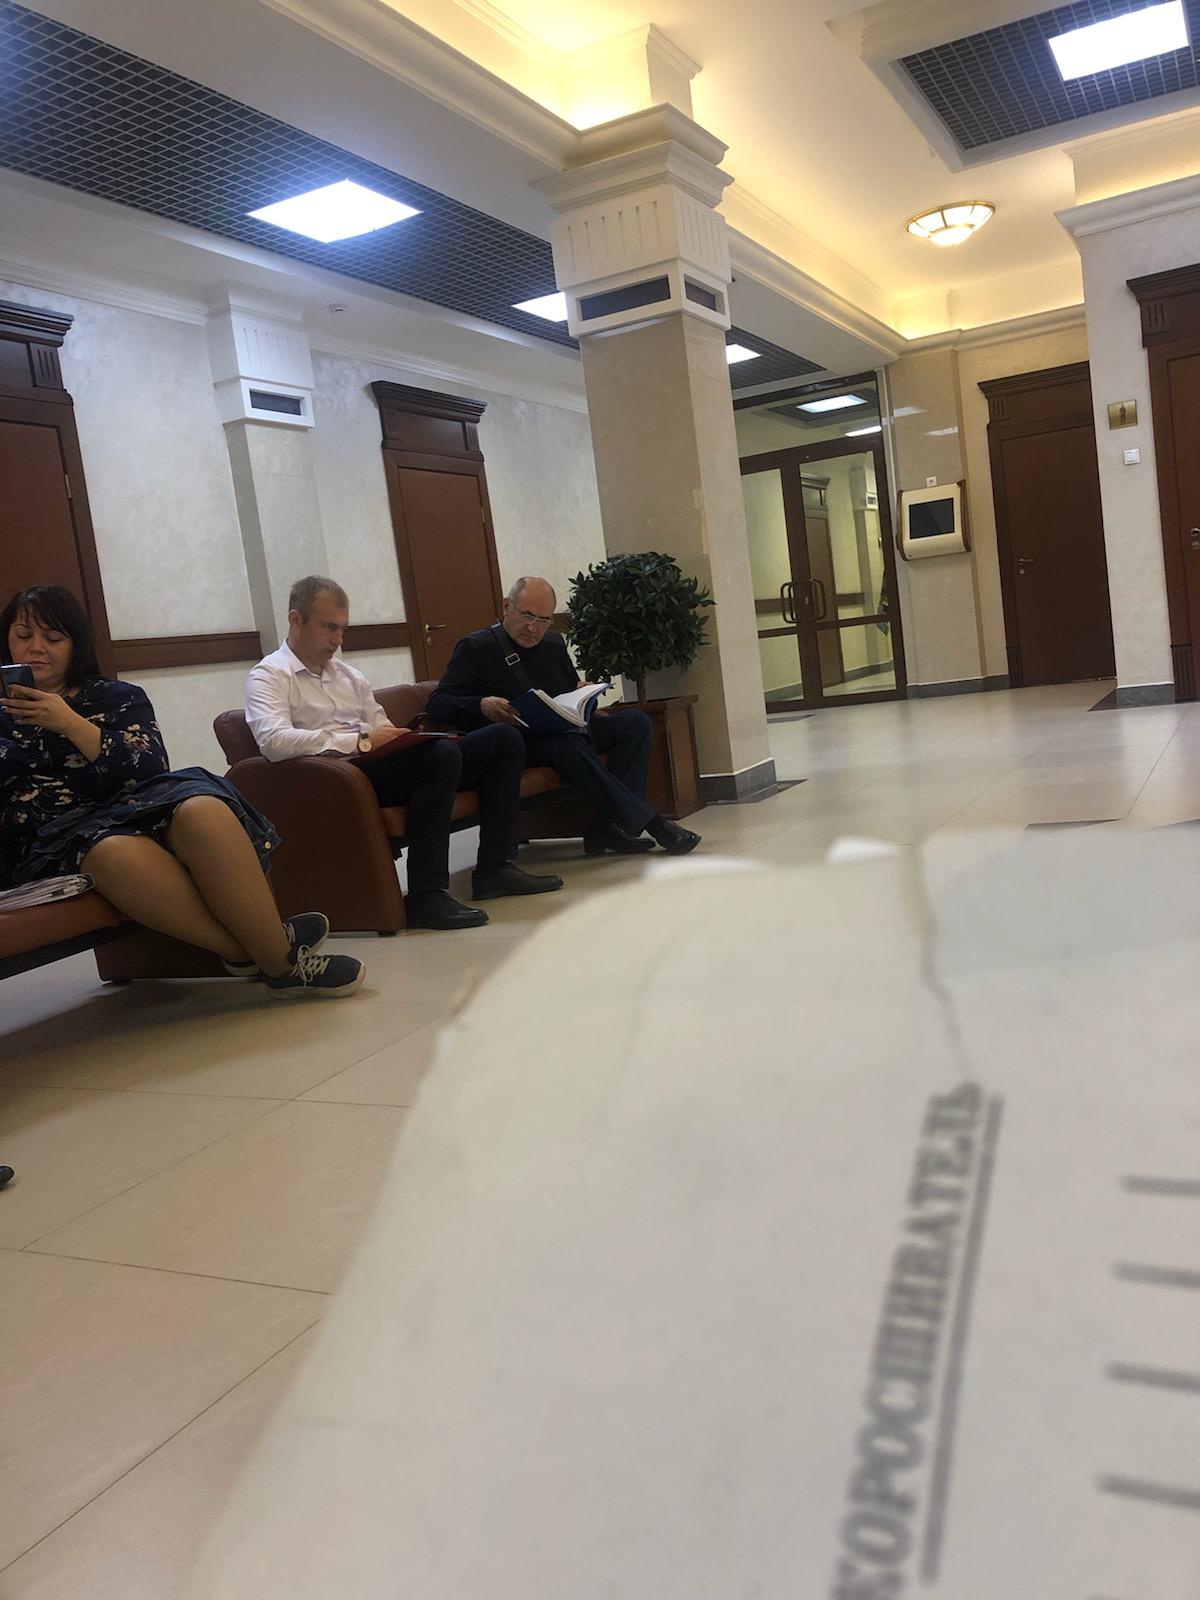 Краснов (в центре) в ожидании судебного заседания. Иркутск.